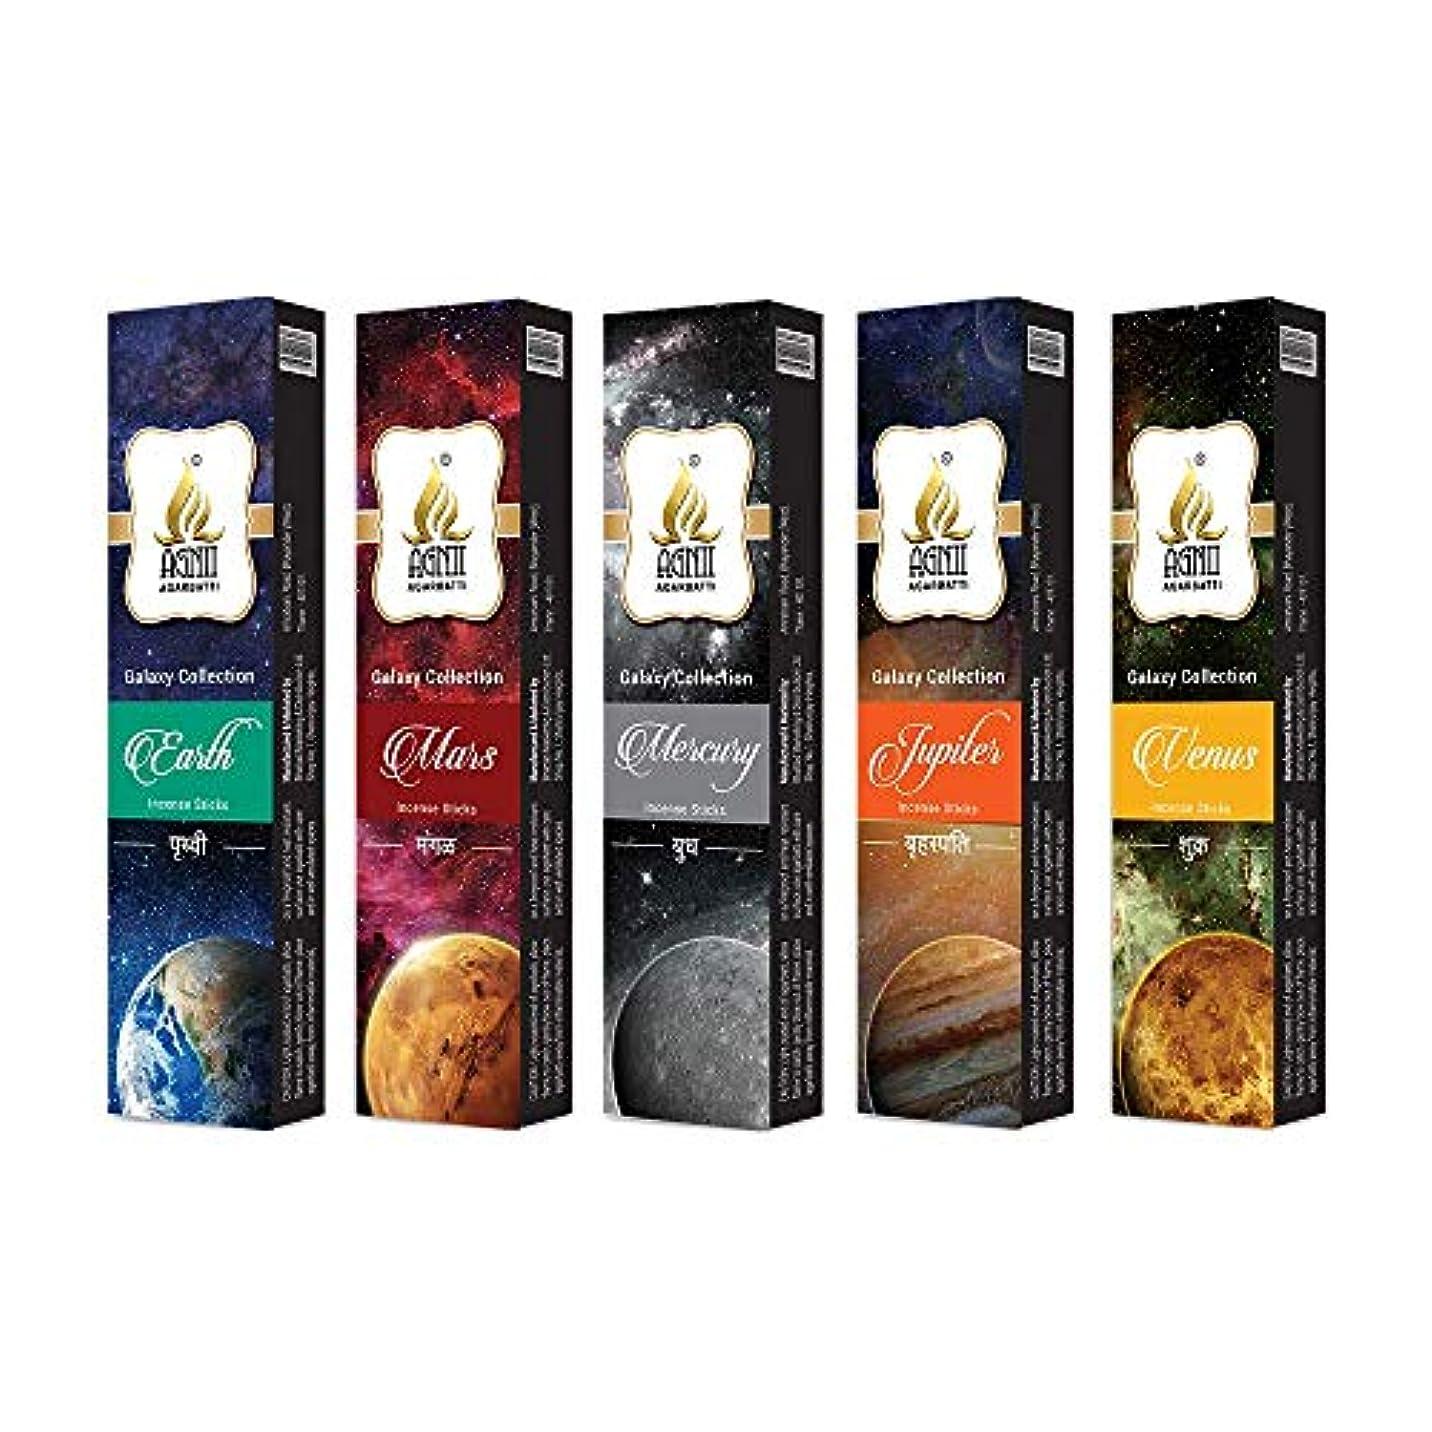 意味するアカウント王室AGNII AGARBATTI Galaxy Collection Incense Sticks (100 GRM_Brown) Pack of 9